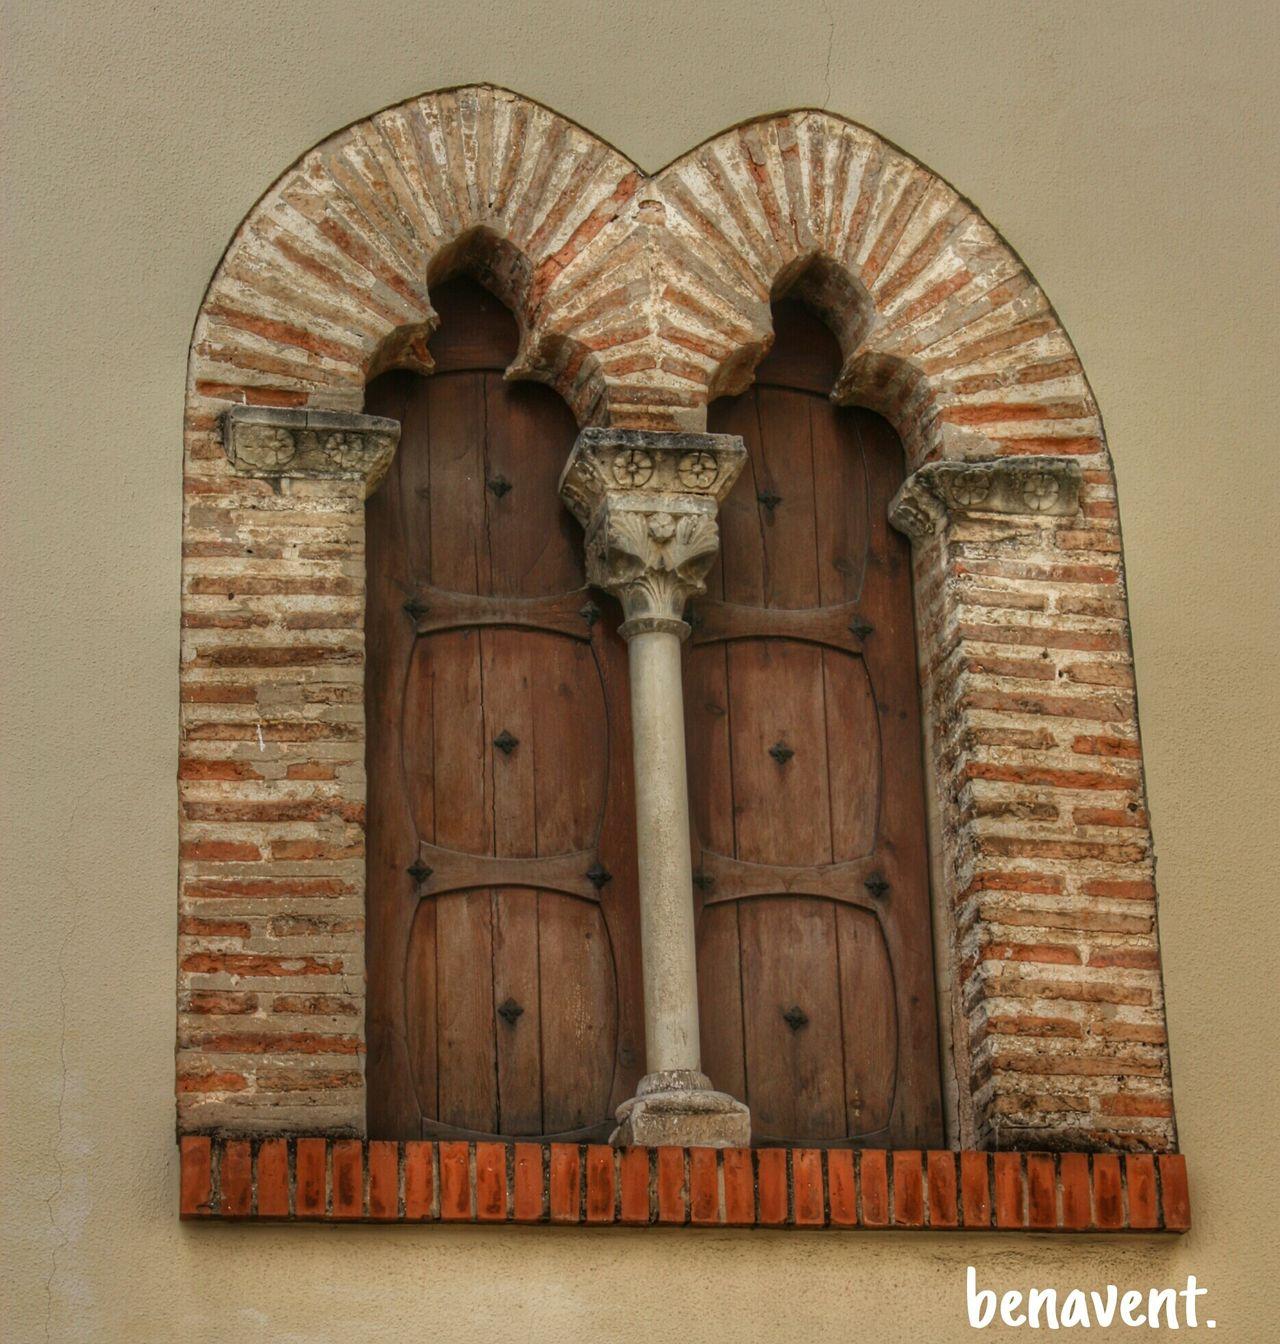 Finestra Finestres Ventana Window Puertas Y Ventanas La Safor País De L'olivera Callejeando Ventanas